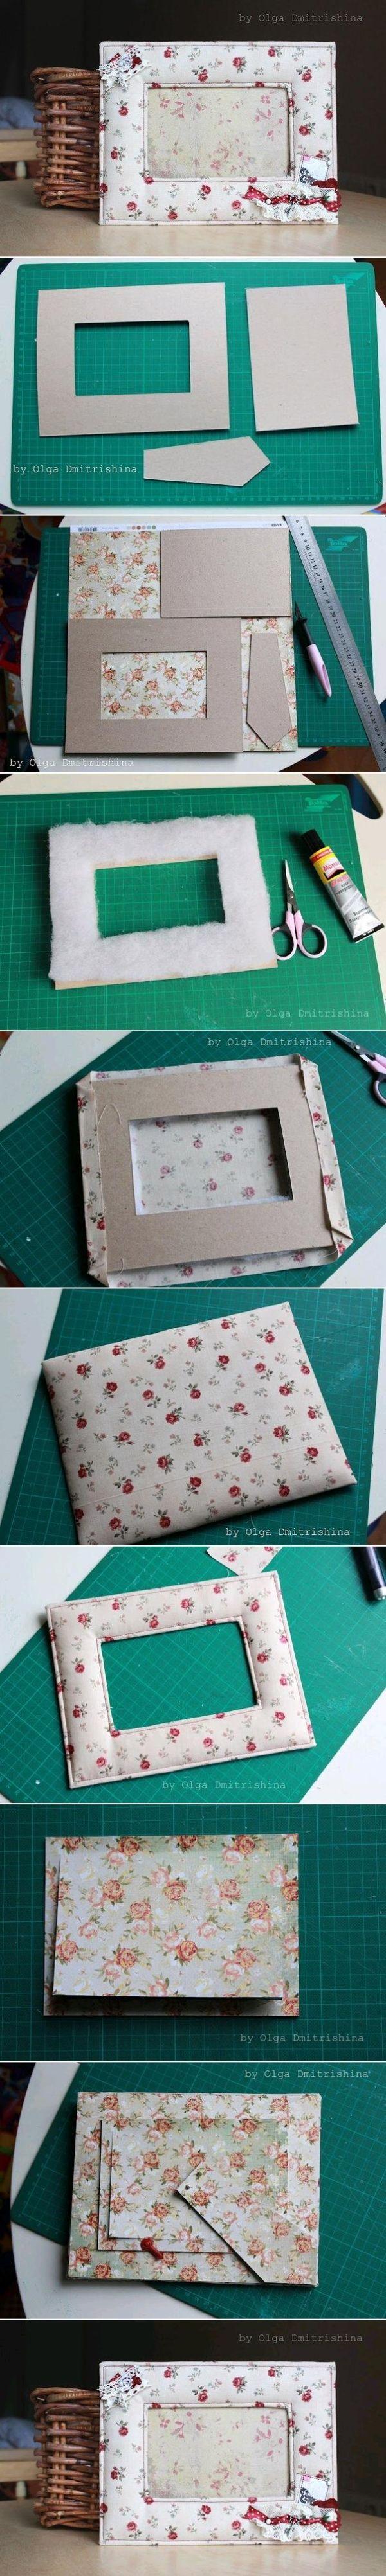 DIY Soft Picture Frame DIY Soft fotorámik podľa diyforever